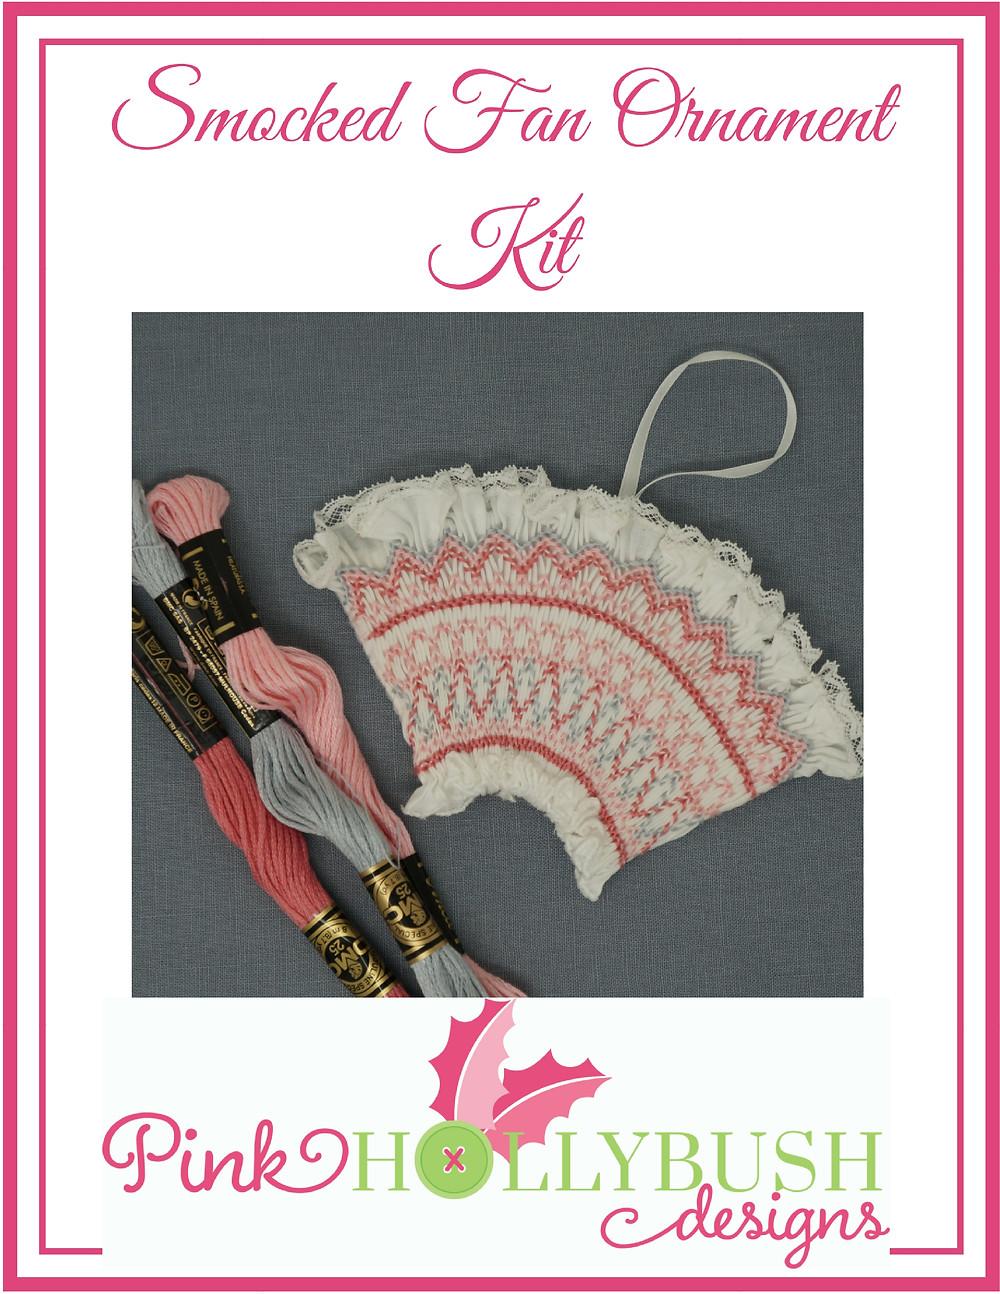 Smocked Fan Ornament Kit